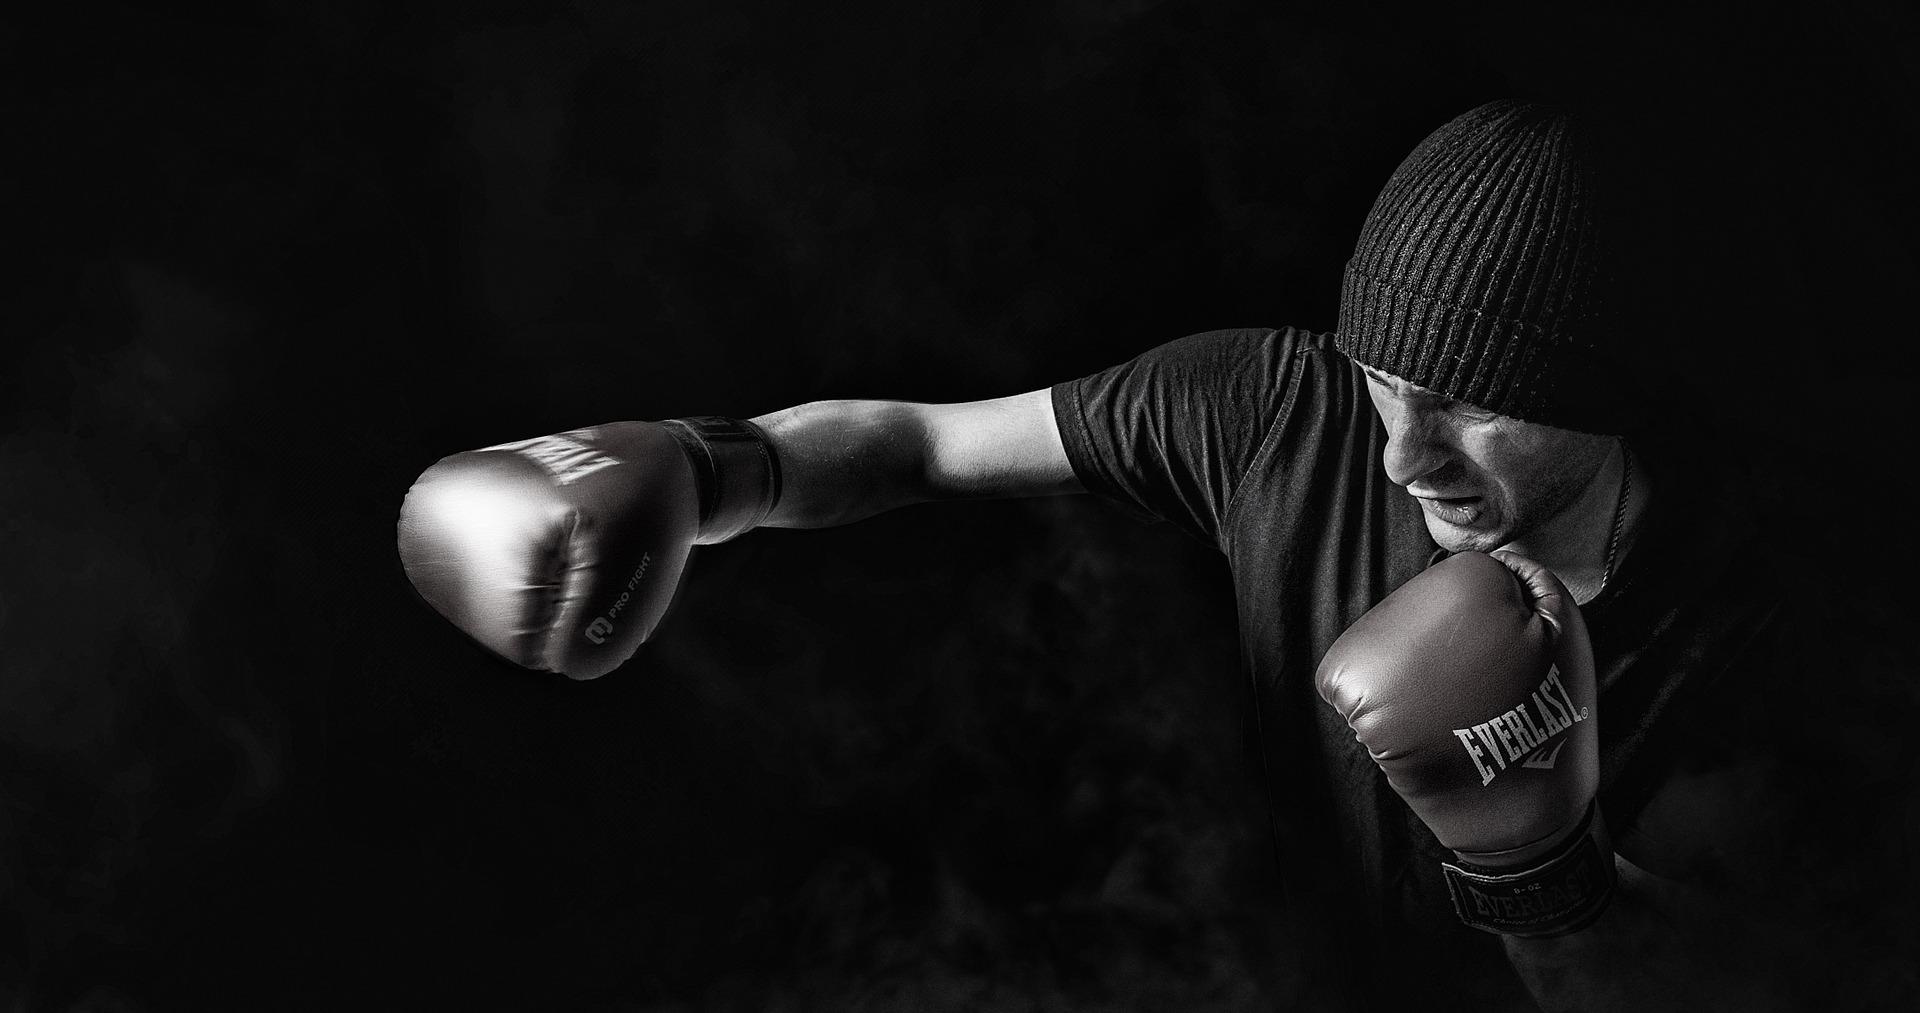 Jaké jsou ideální sporty pro muže? Především silové.